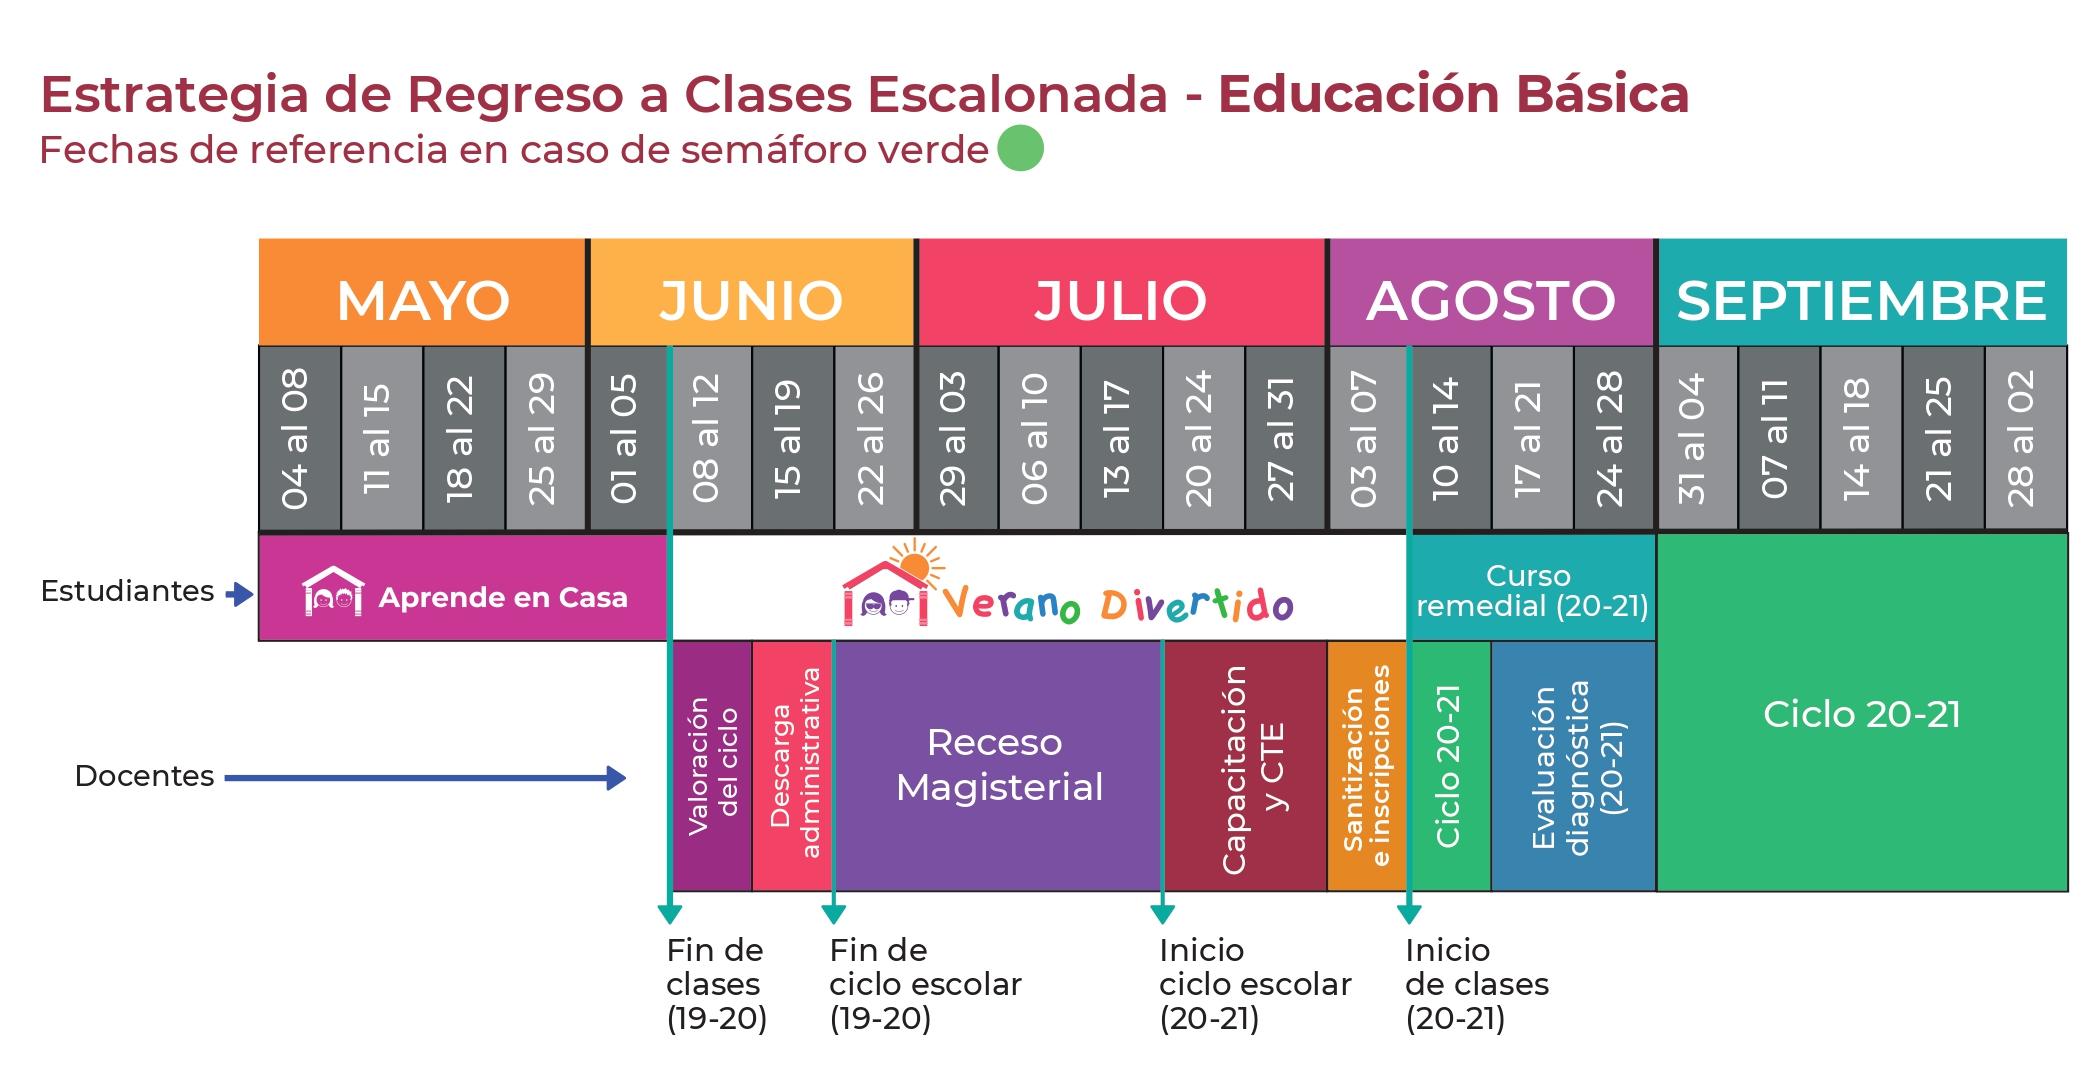 Estrategia de Regreso a Clases Escalonada - Educación Basica